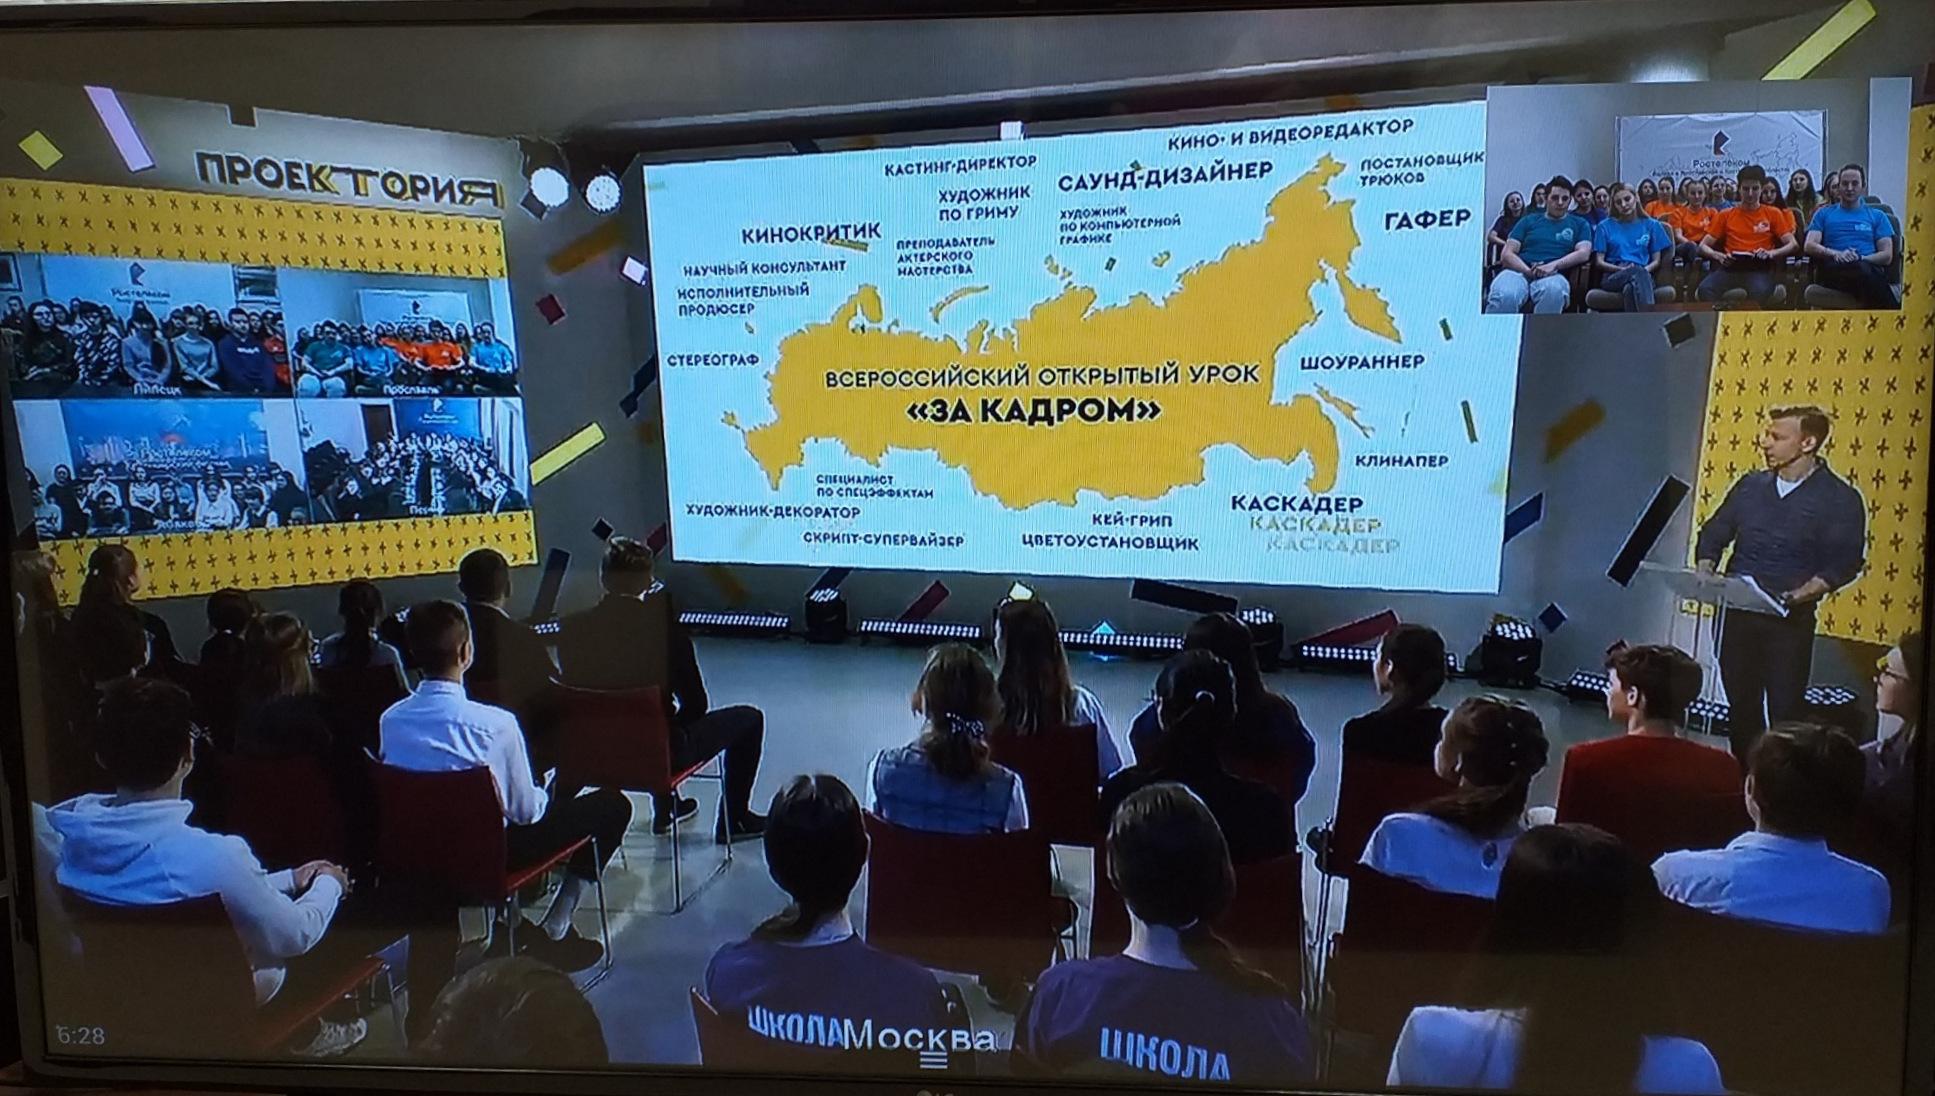 «Ростелеком» обеспечил трансляцию всероссийского открытого урока «За кадром» для ярославских школьников